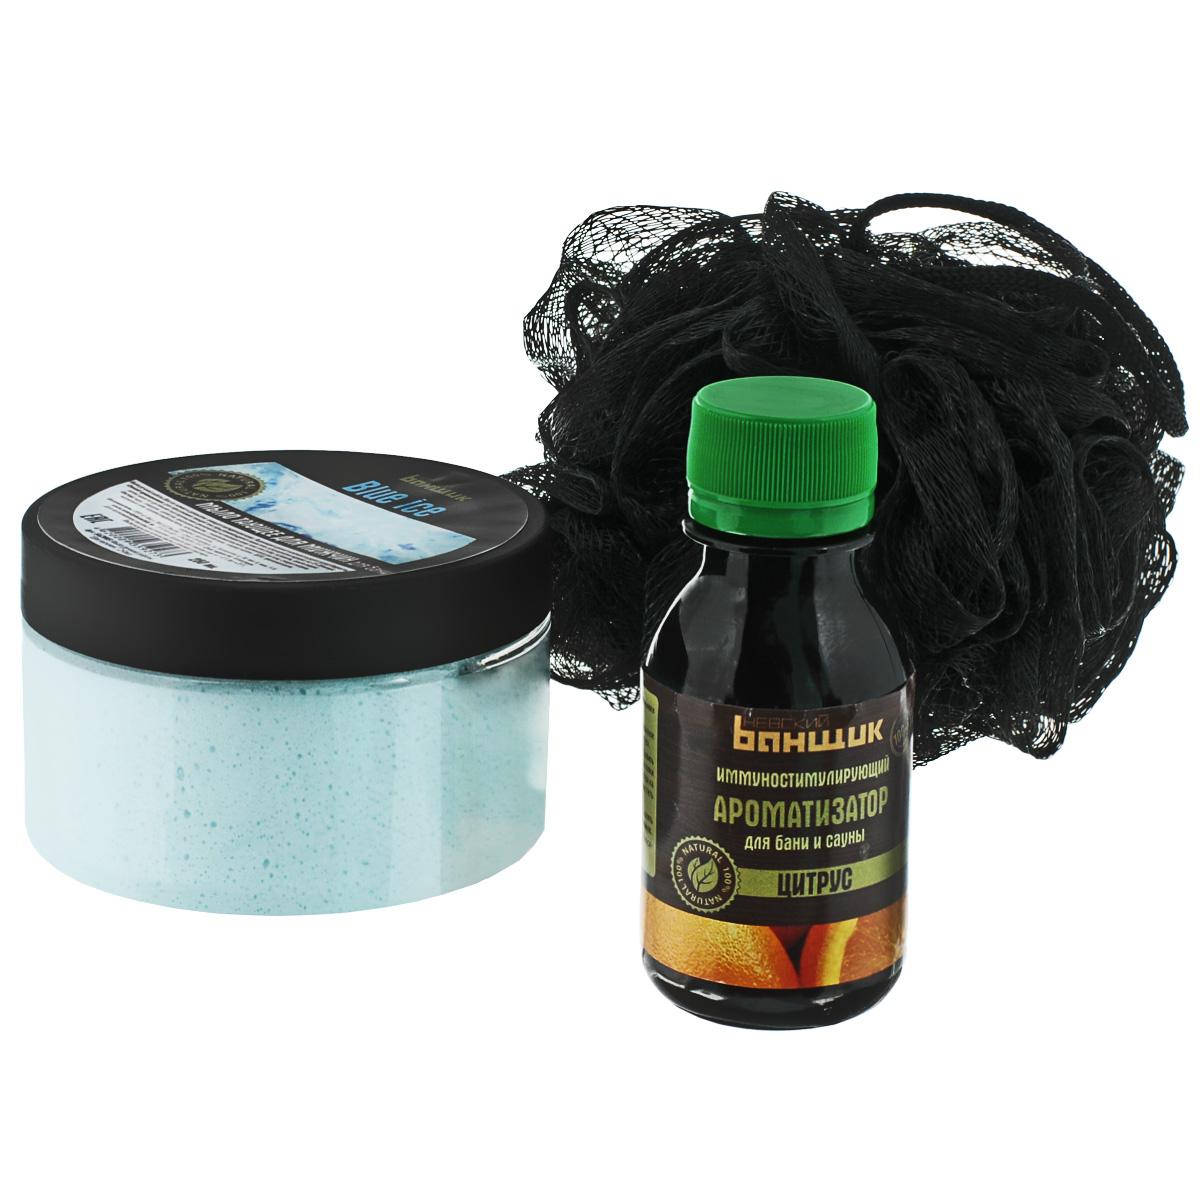 Набор подарочный С праздником!, 3 предметаБ33056Набор подарочный С праздником! состоит из мочалки, ароматизатора для бани и сауны и мыла. Мочалка выполнена из полиэстера. Тающее мыло Blue Ice предназначено для мужчин. Мыло ручной работы нежно и деликатно очищает распаренную кожу. Леденящий аромат освежает и дарит заряд бодрости. Ароматизатор для бани и сауны Цитрус содержит эфирные масла цитрусовых. Цитрусовые фрукты обладают уникальными антимикробными и противовоспалительными свойствами. Набор подарочный С праздником! станет отличным подарком любимому мужчине, коллеге или другу. Состав ароматизатора: вода, децет-7, PEG-40 гидрогенизированное касторовое масло, PPG-26, бутет-26, отдушка цитрус. Состав мыла: вода, глицерин, сорбитол, пропиленгликоль, стеариновая кислота, лауриновая кислота, стеарат натрия, натриевая соль, хлорид натрия, ЭДТА, отдушка, краситель.